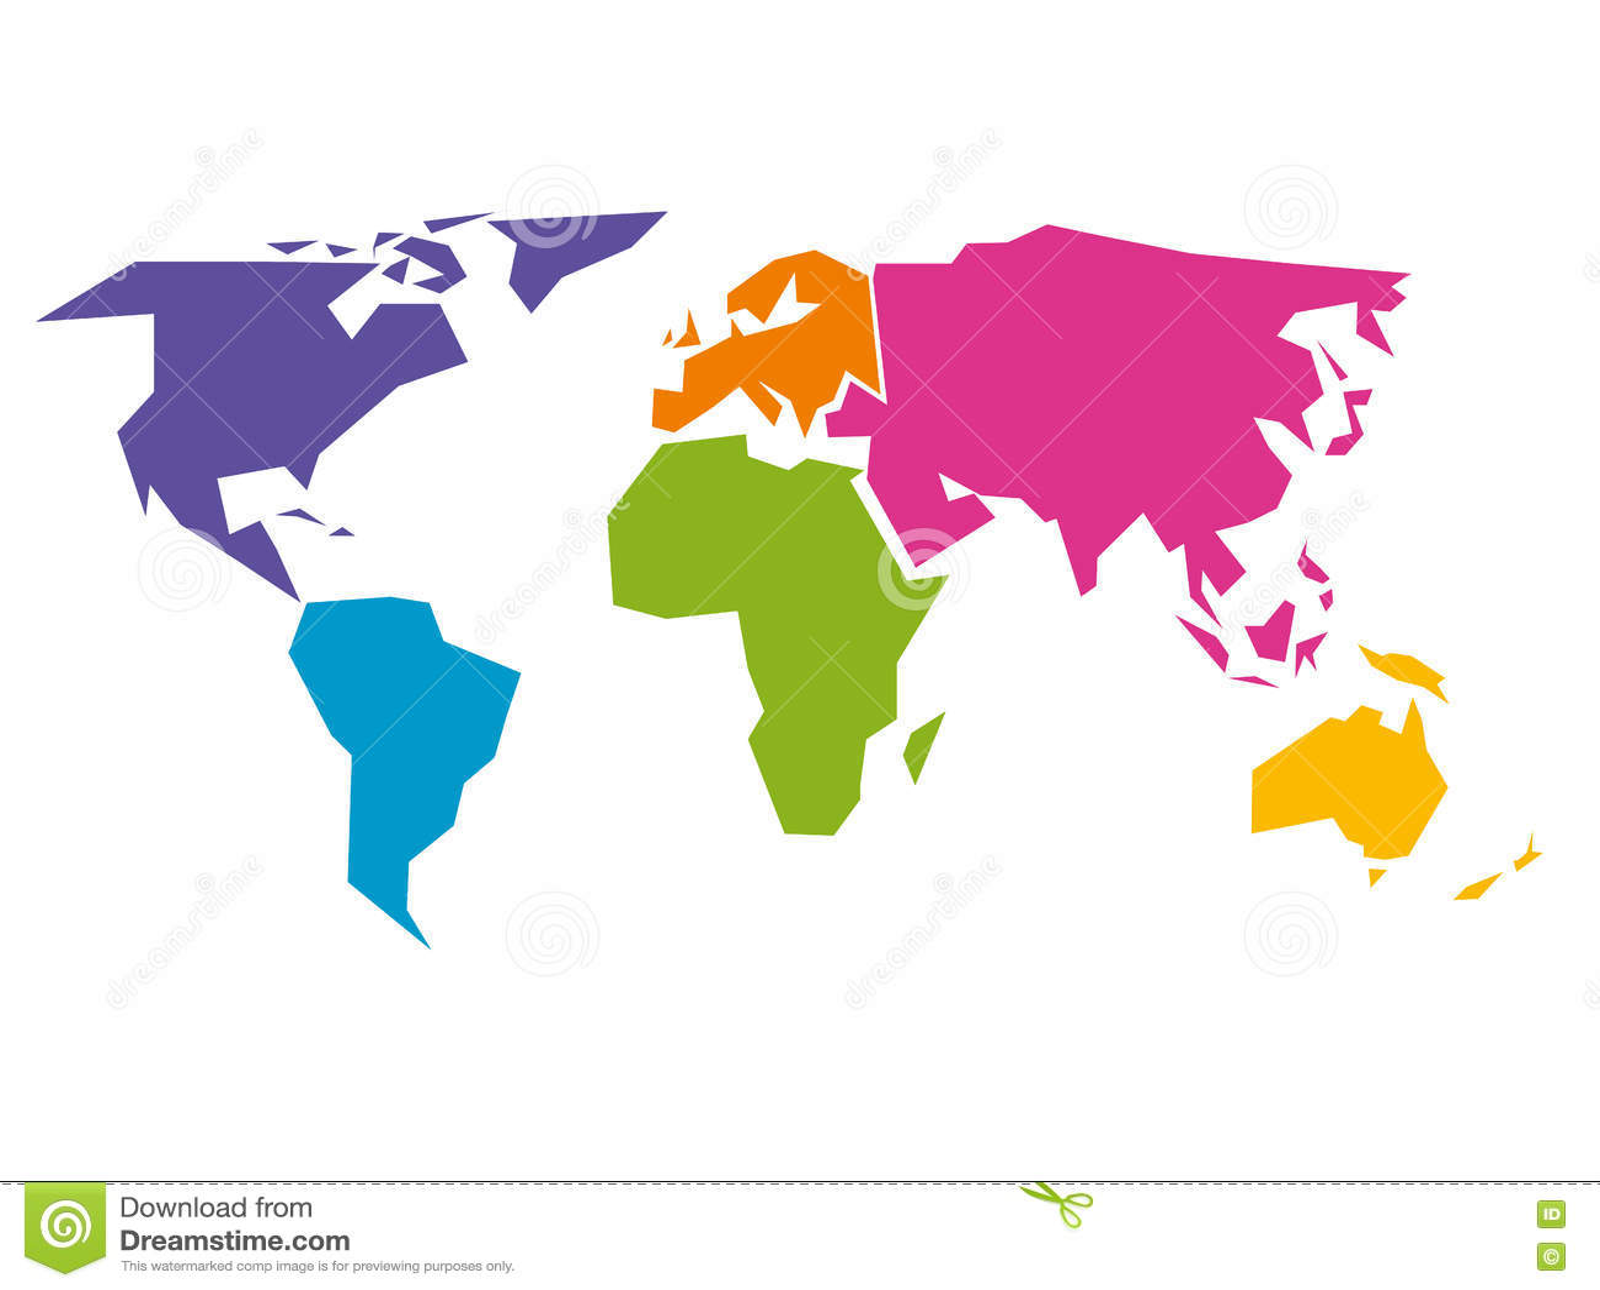 Vereenvoudigde die wereldkaart aan zes continenten in verschillende kleuren wordt verdeeld